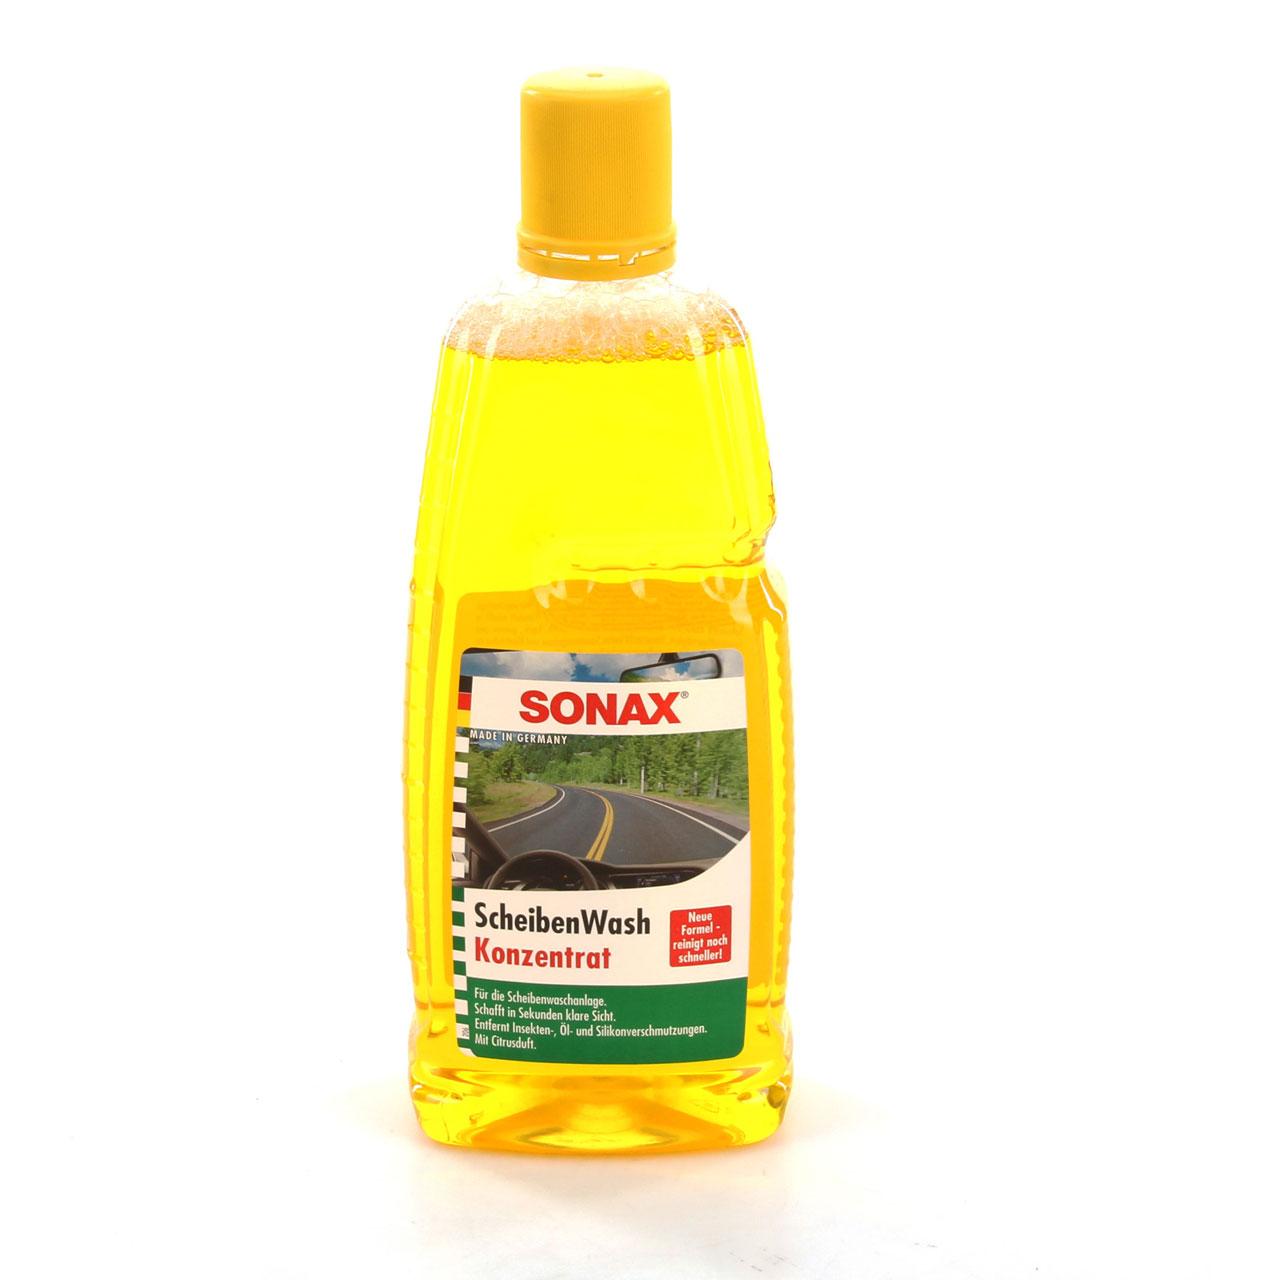 SONAX ScheibenWash Konzentrat Citrusduft 260300 Scheibenreiniger - 1L 1 Liter